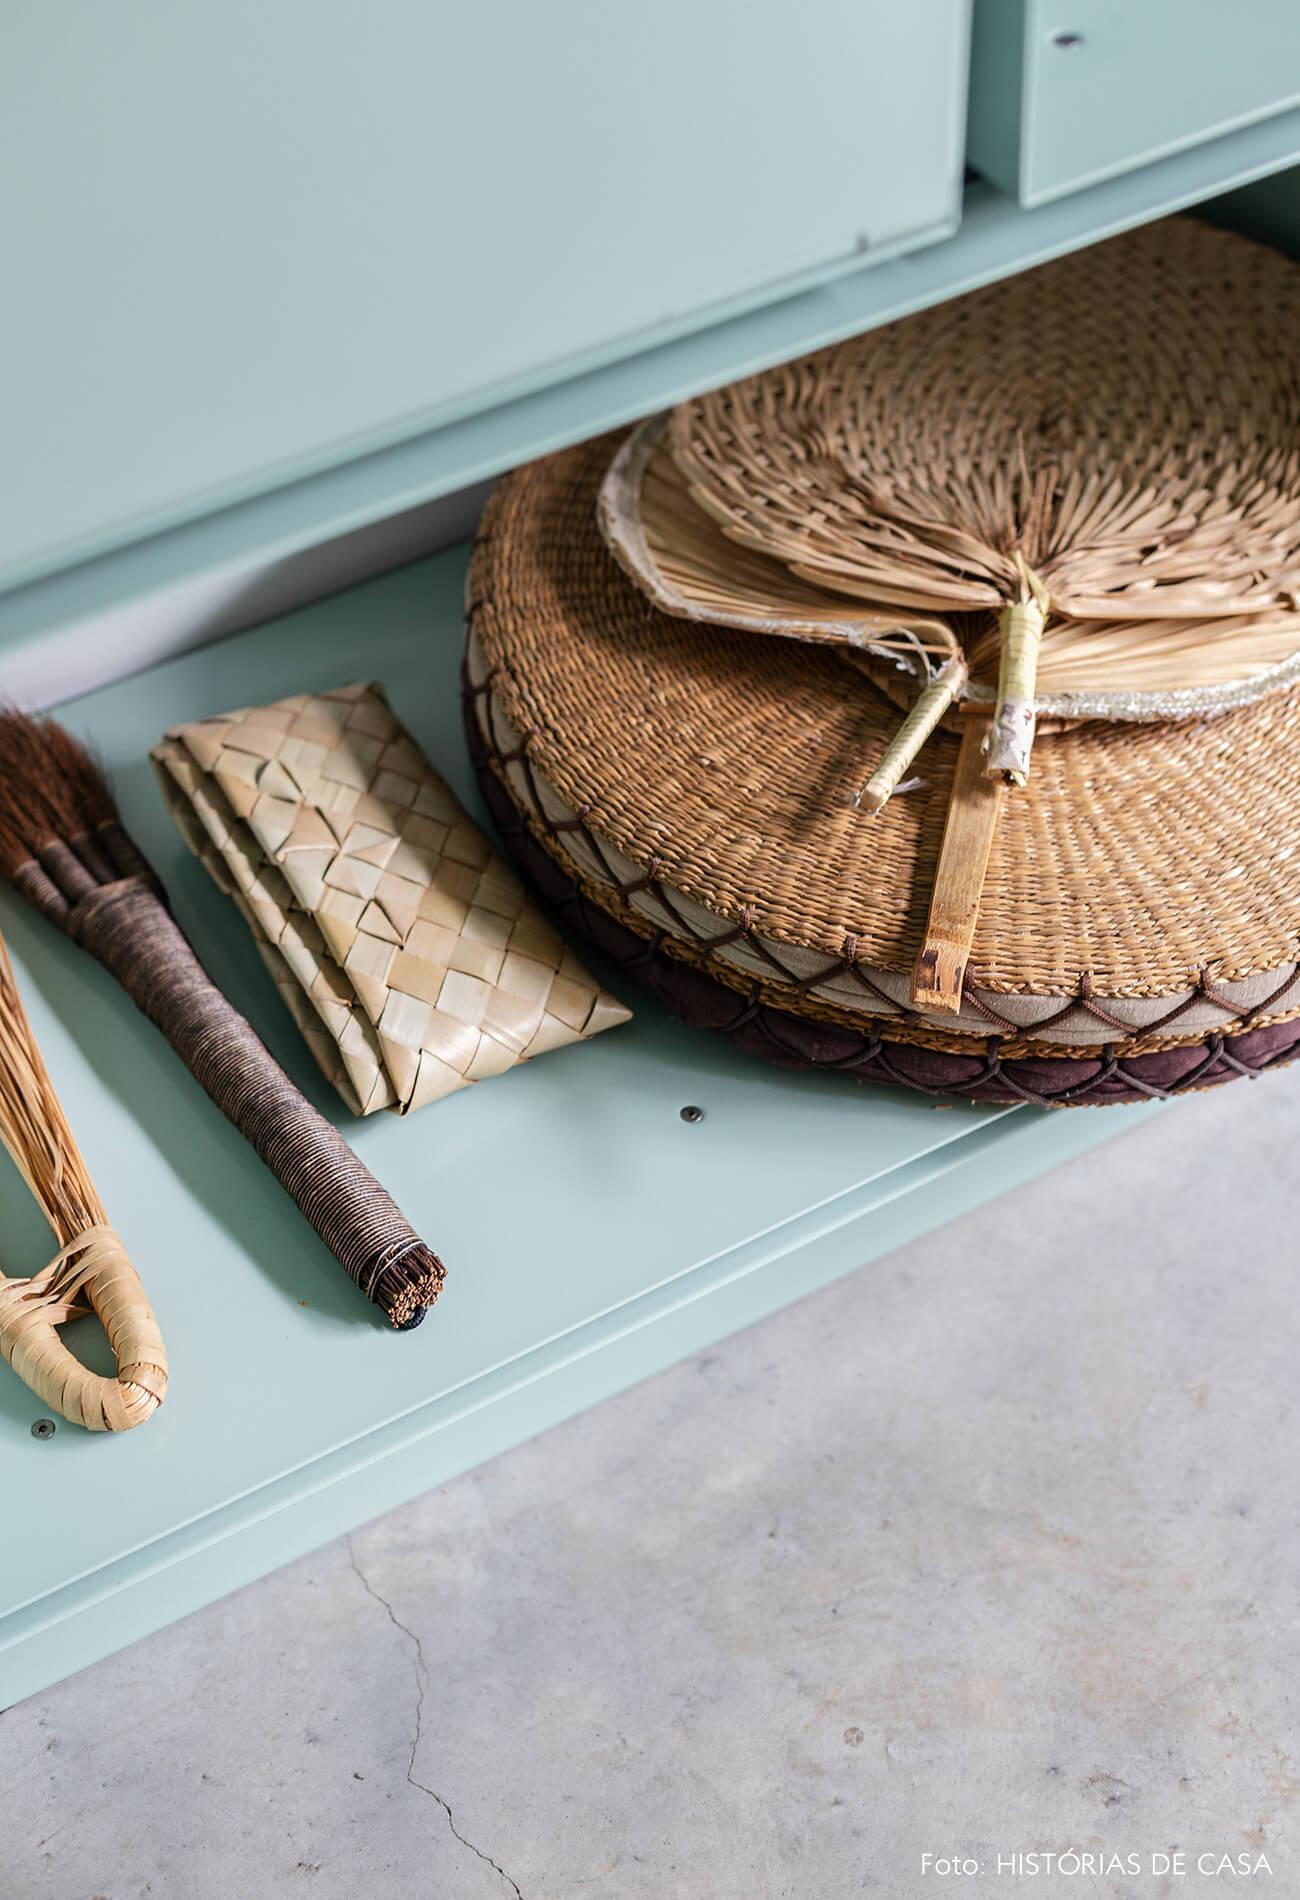 decoração casa objetos de plaha em estante verde